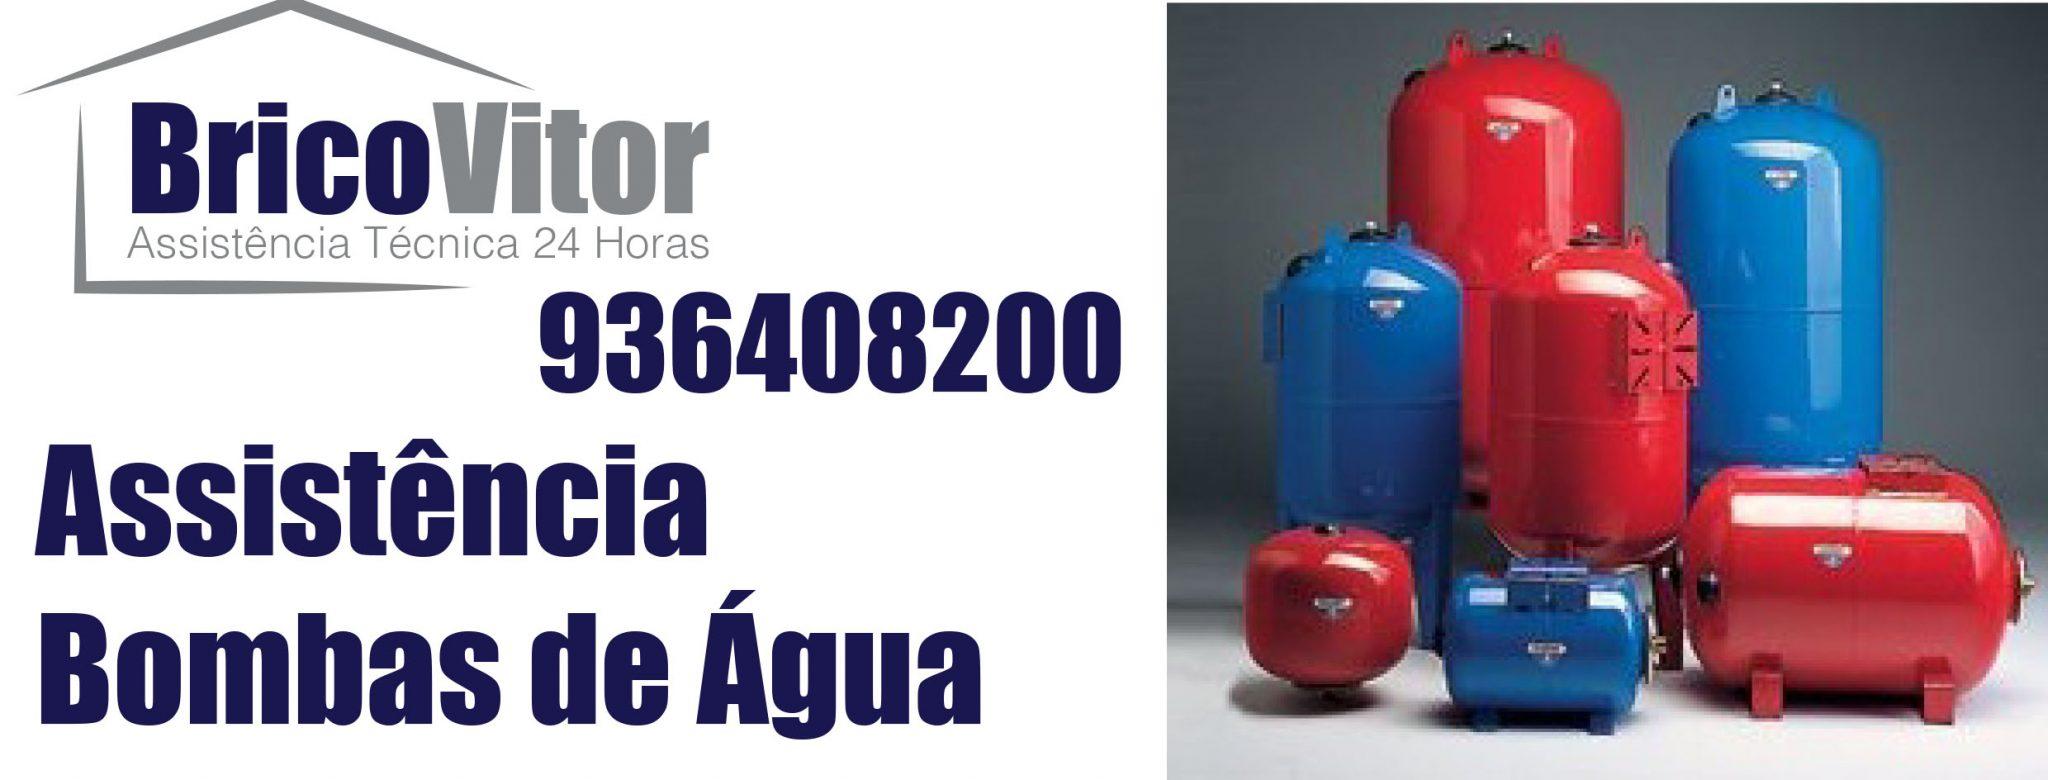 Manutenção Bombas de Água Vizela,